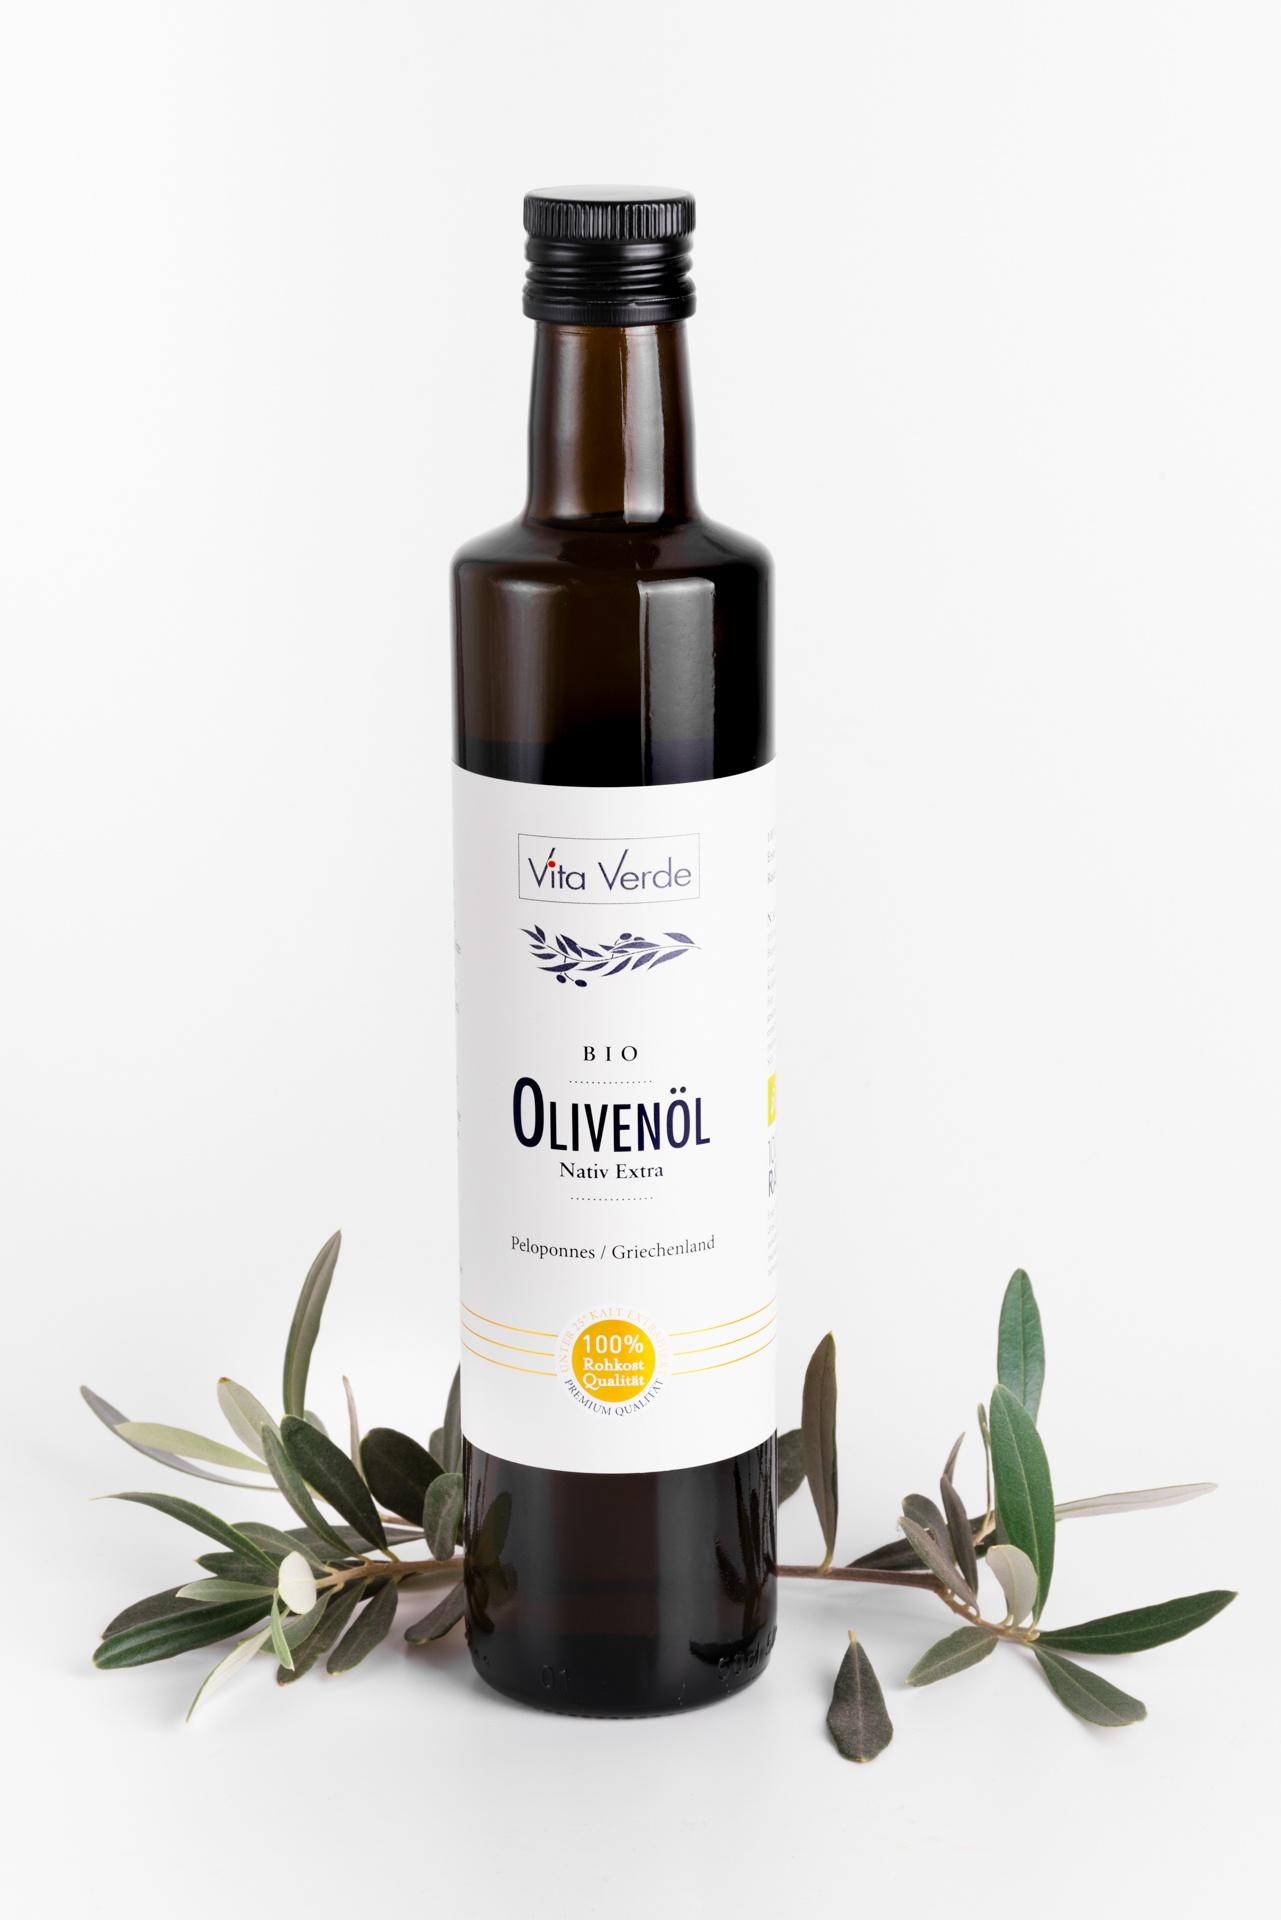 Olivenöl nativ extra Vita Verde Produktbild